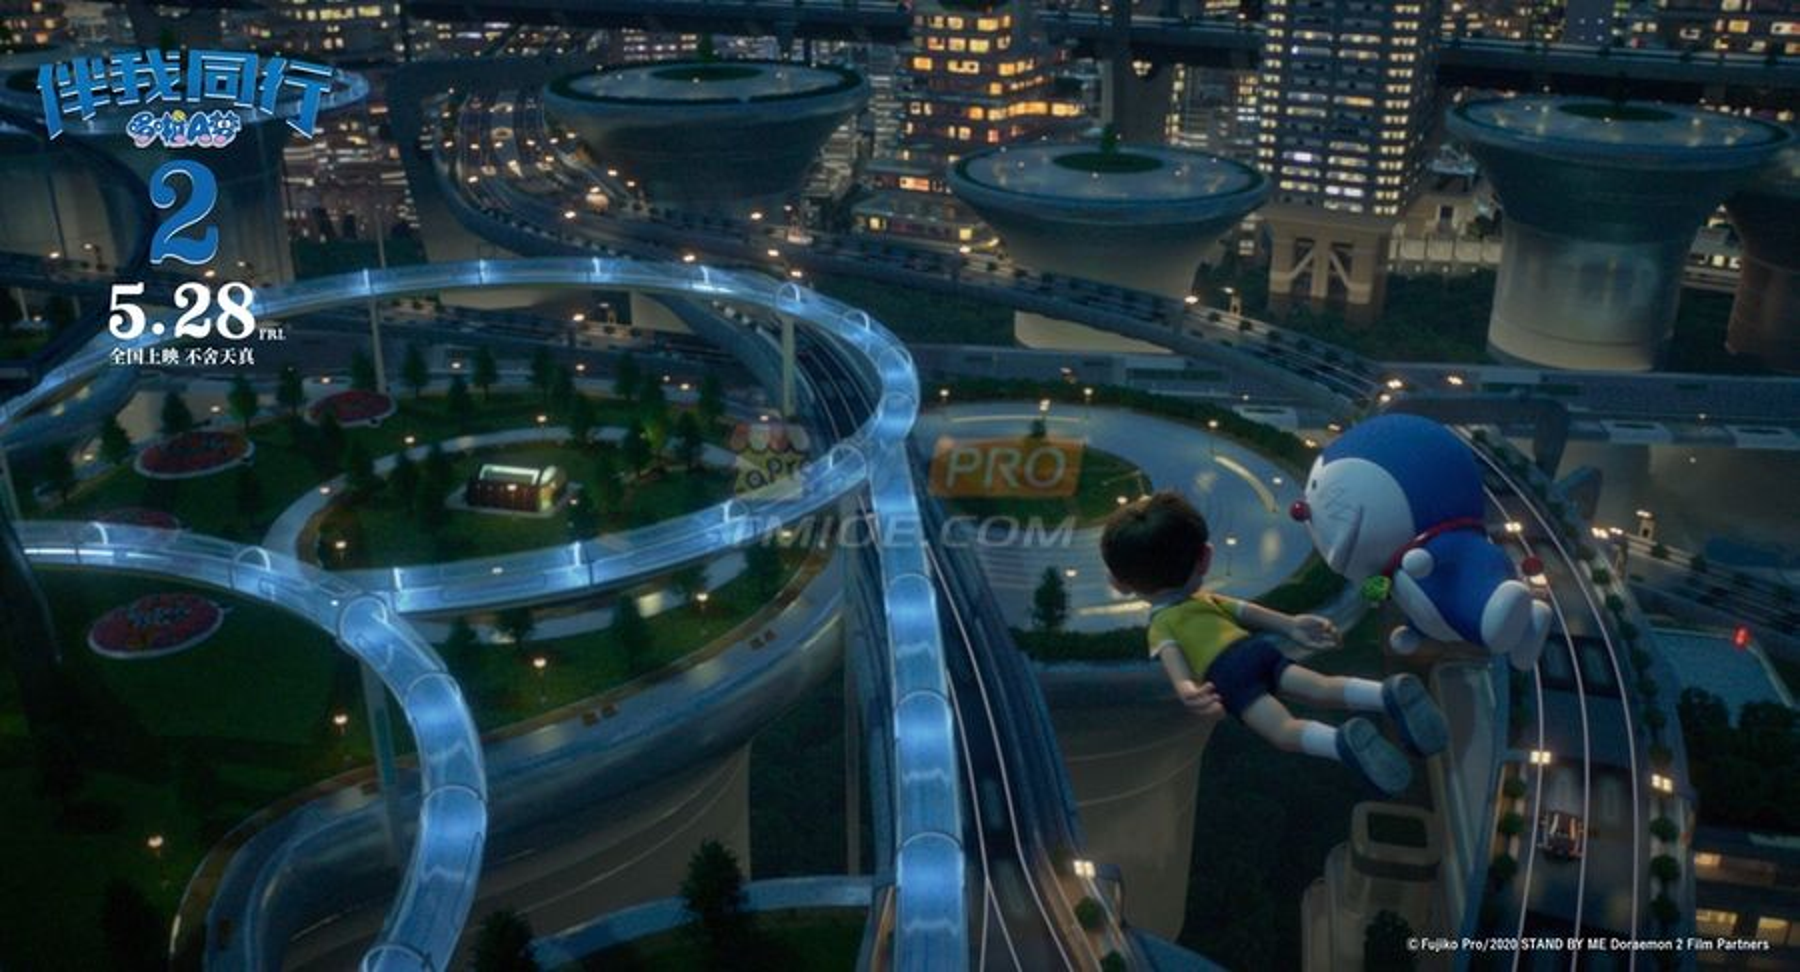 哆啦A梦:伴我同行2 STAND BY ME ドラえもん2.4K.日语中字(2020)